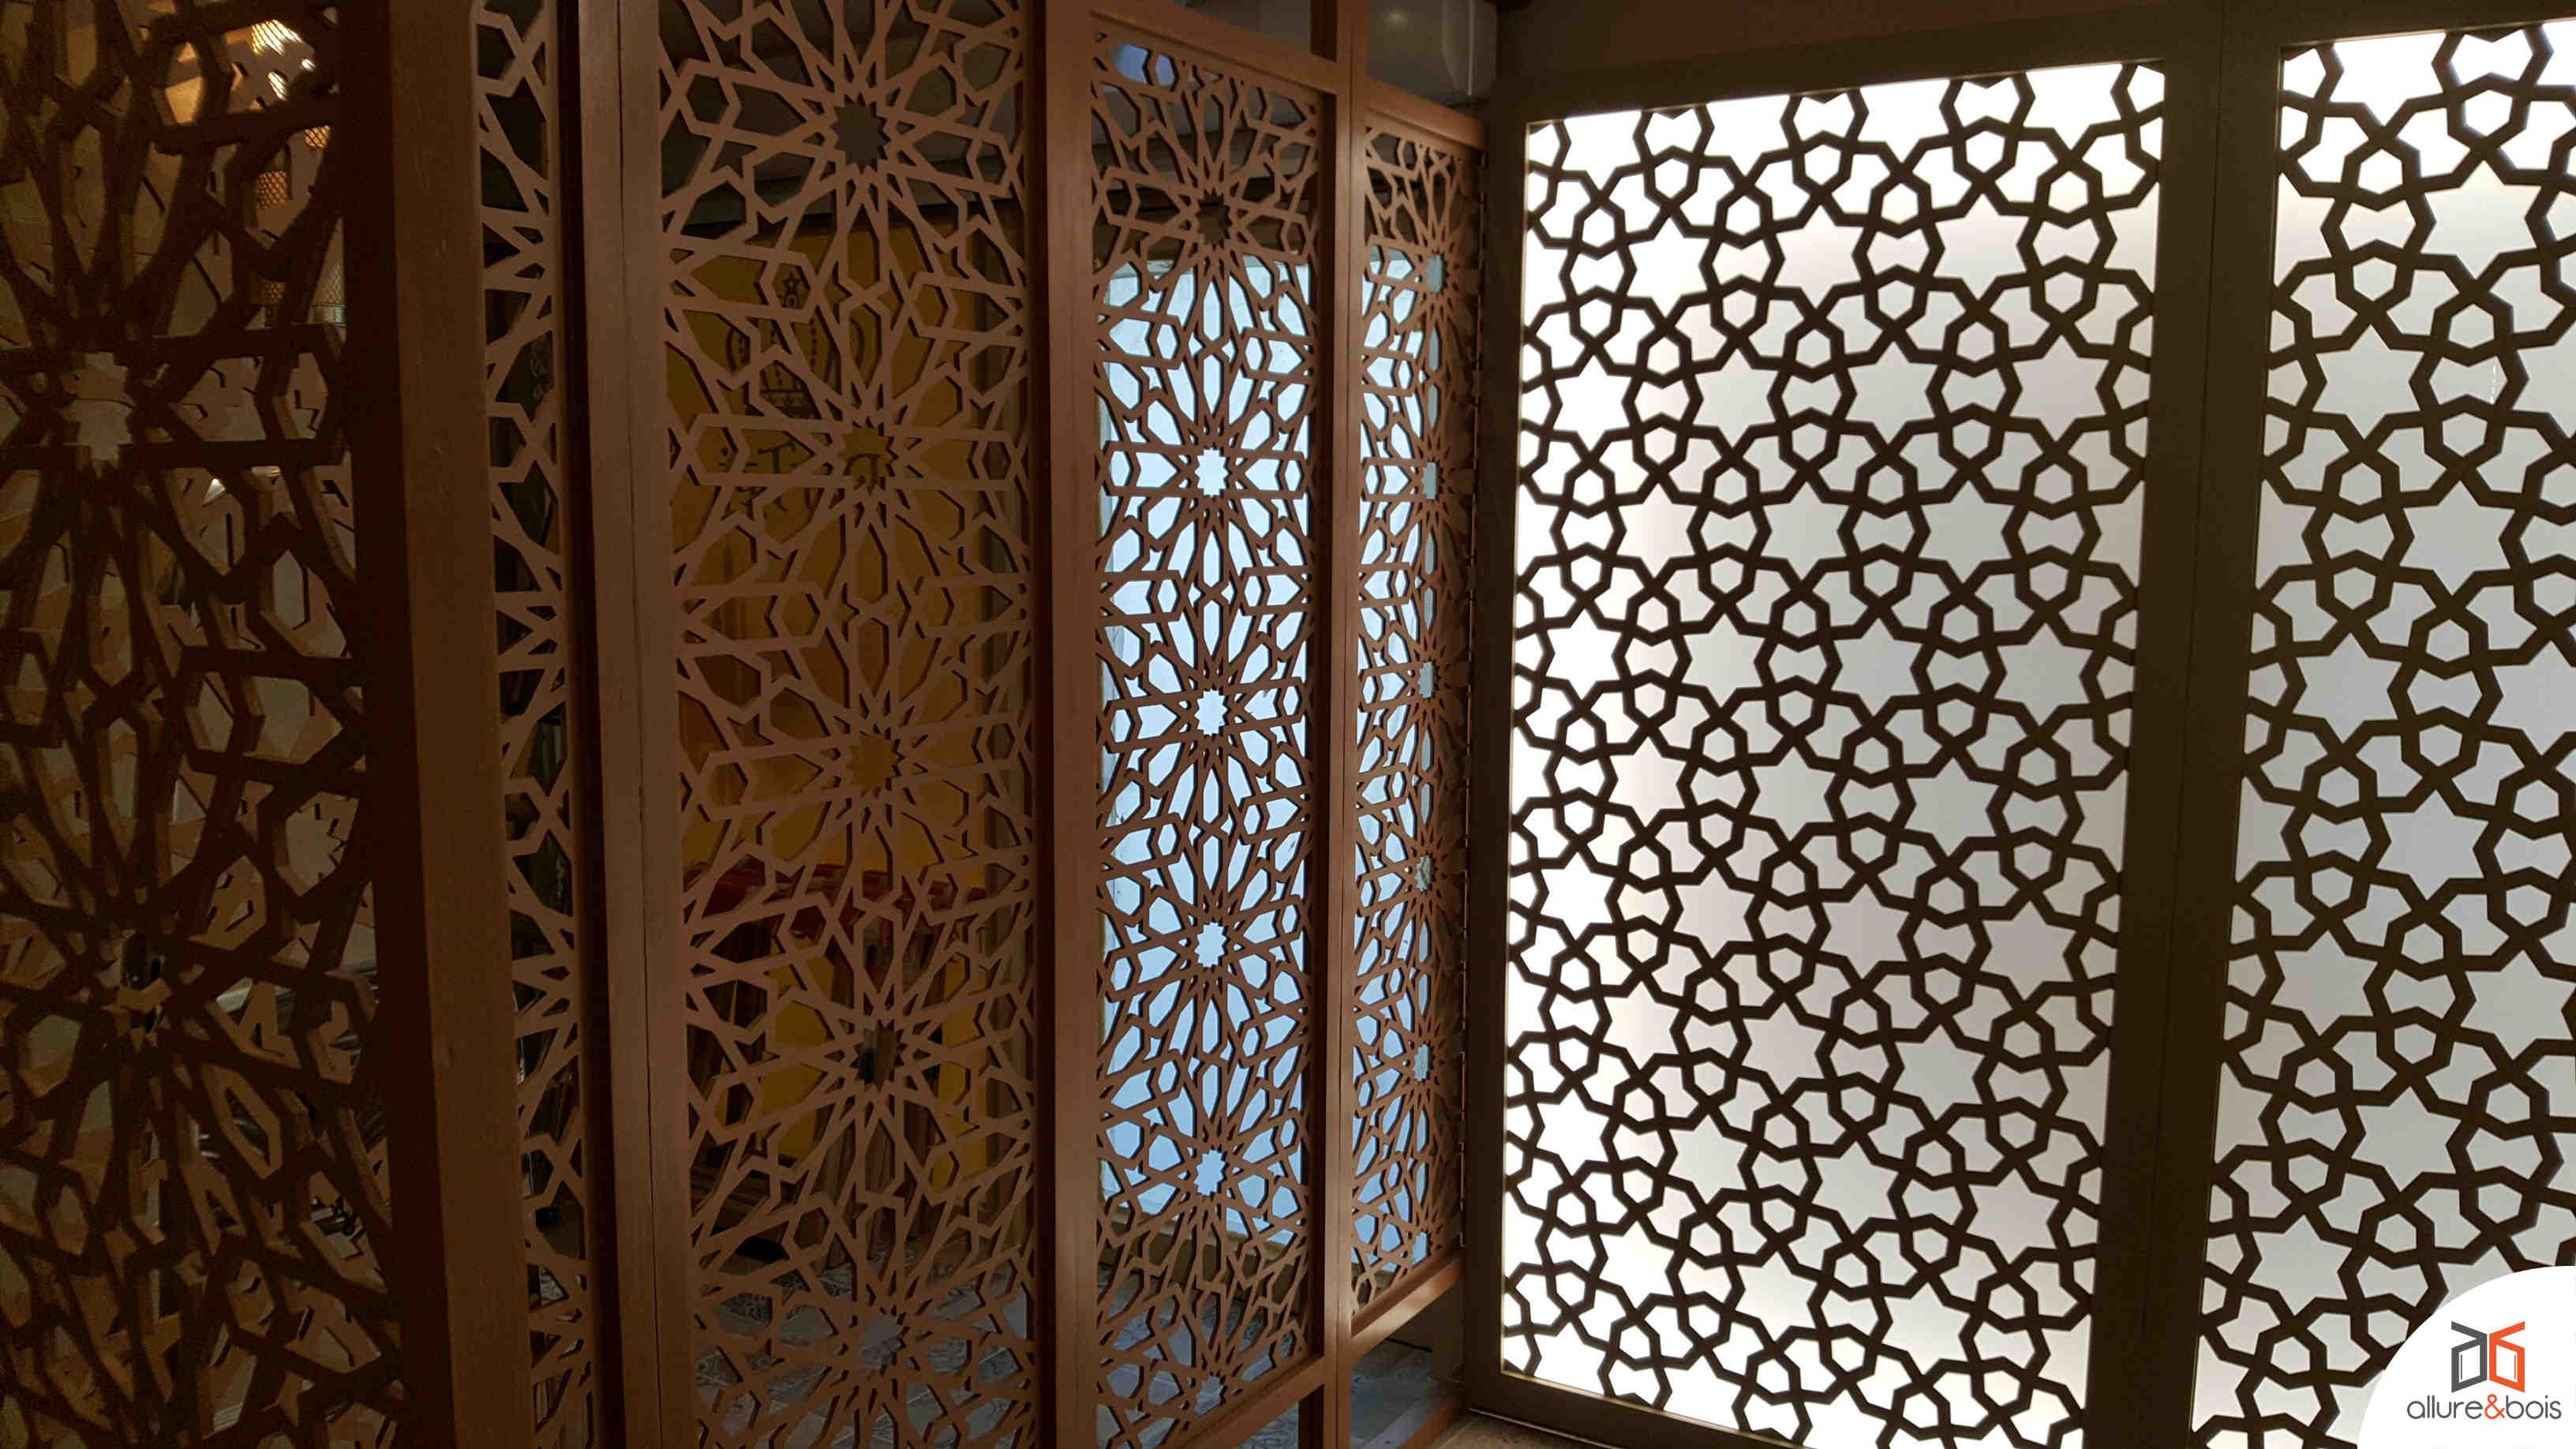 L'engagement Allure et Bois vis à vis du motif pour moucharabieh traditionnel arabe